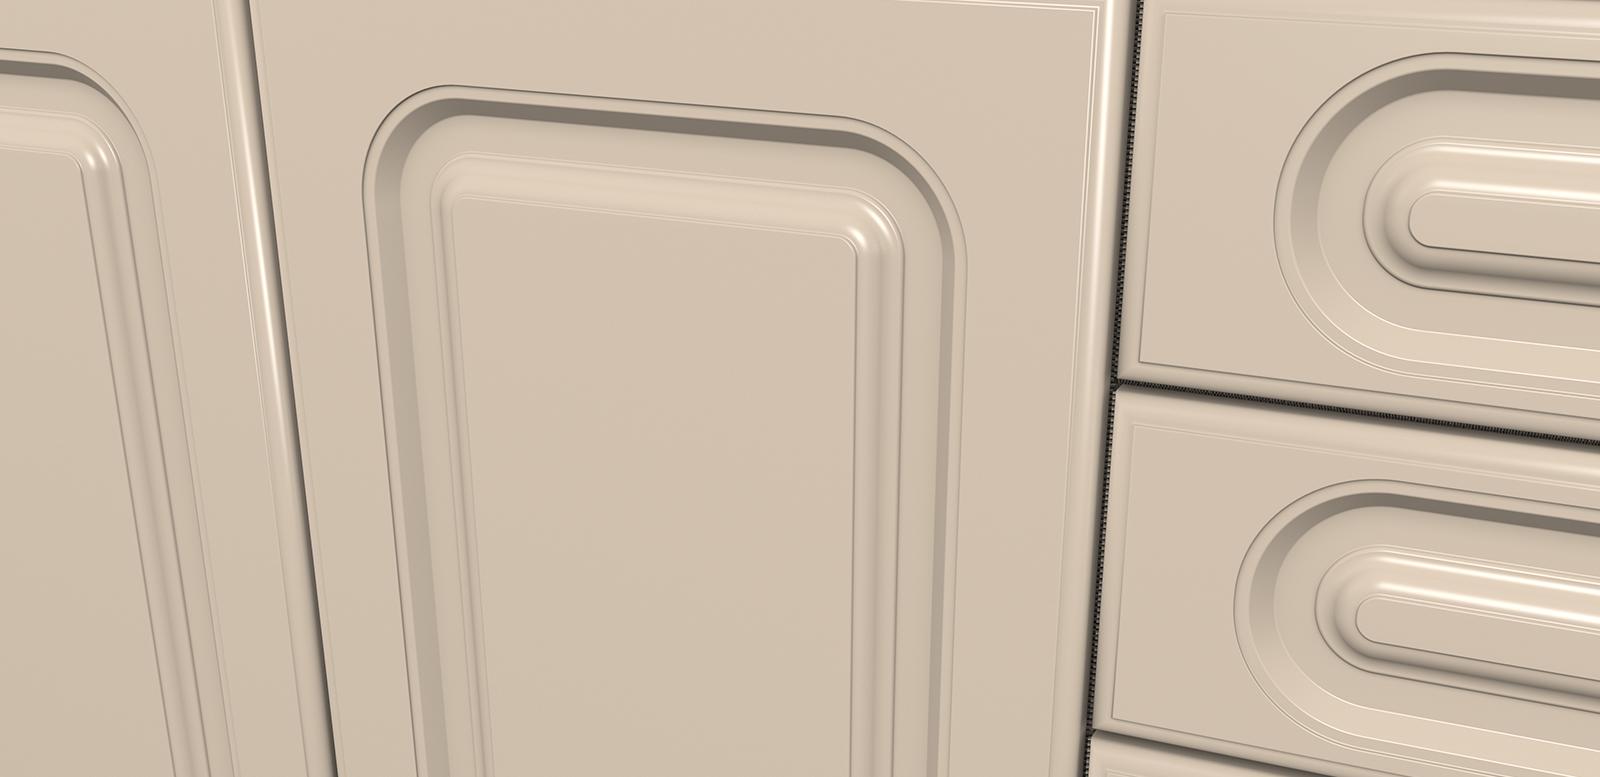 Fronturi MDF frezate - Colectia Clasic - M10R